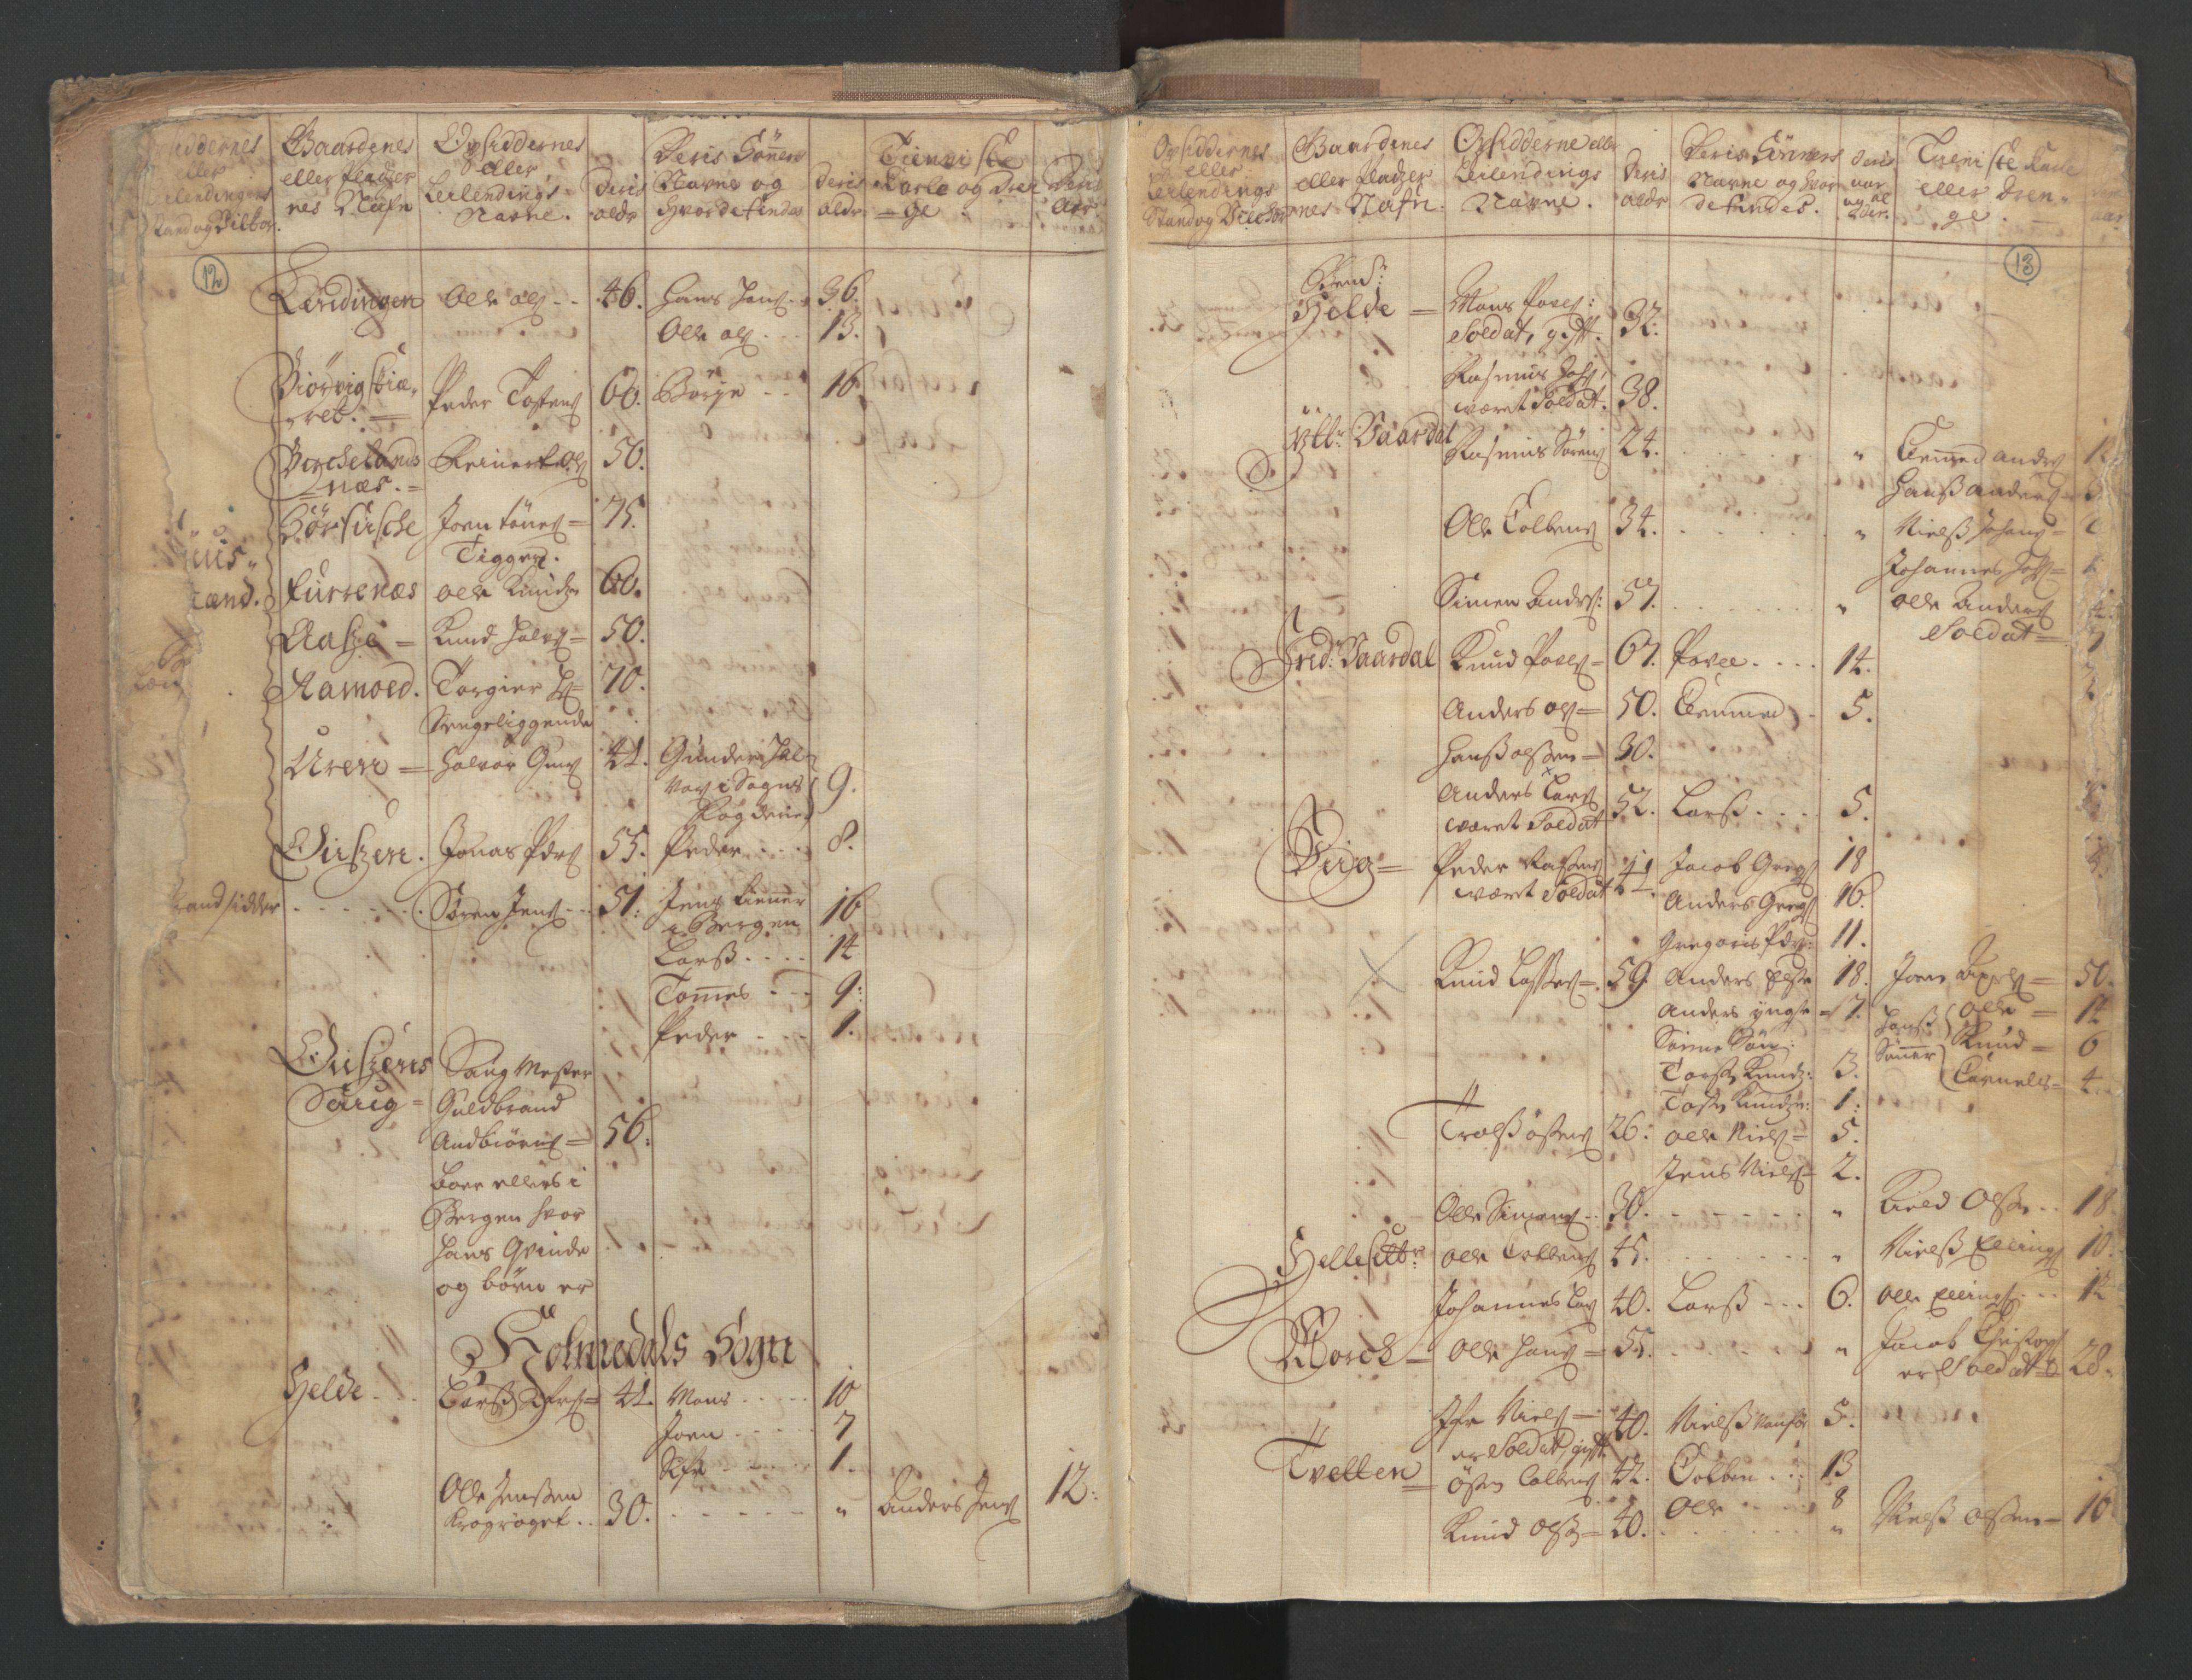 RA, Manntallet 1701, nr. 9: Sunnfjord fogderi, Nordfjord fogderi og Svanø birk, 1701, s. 12-13